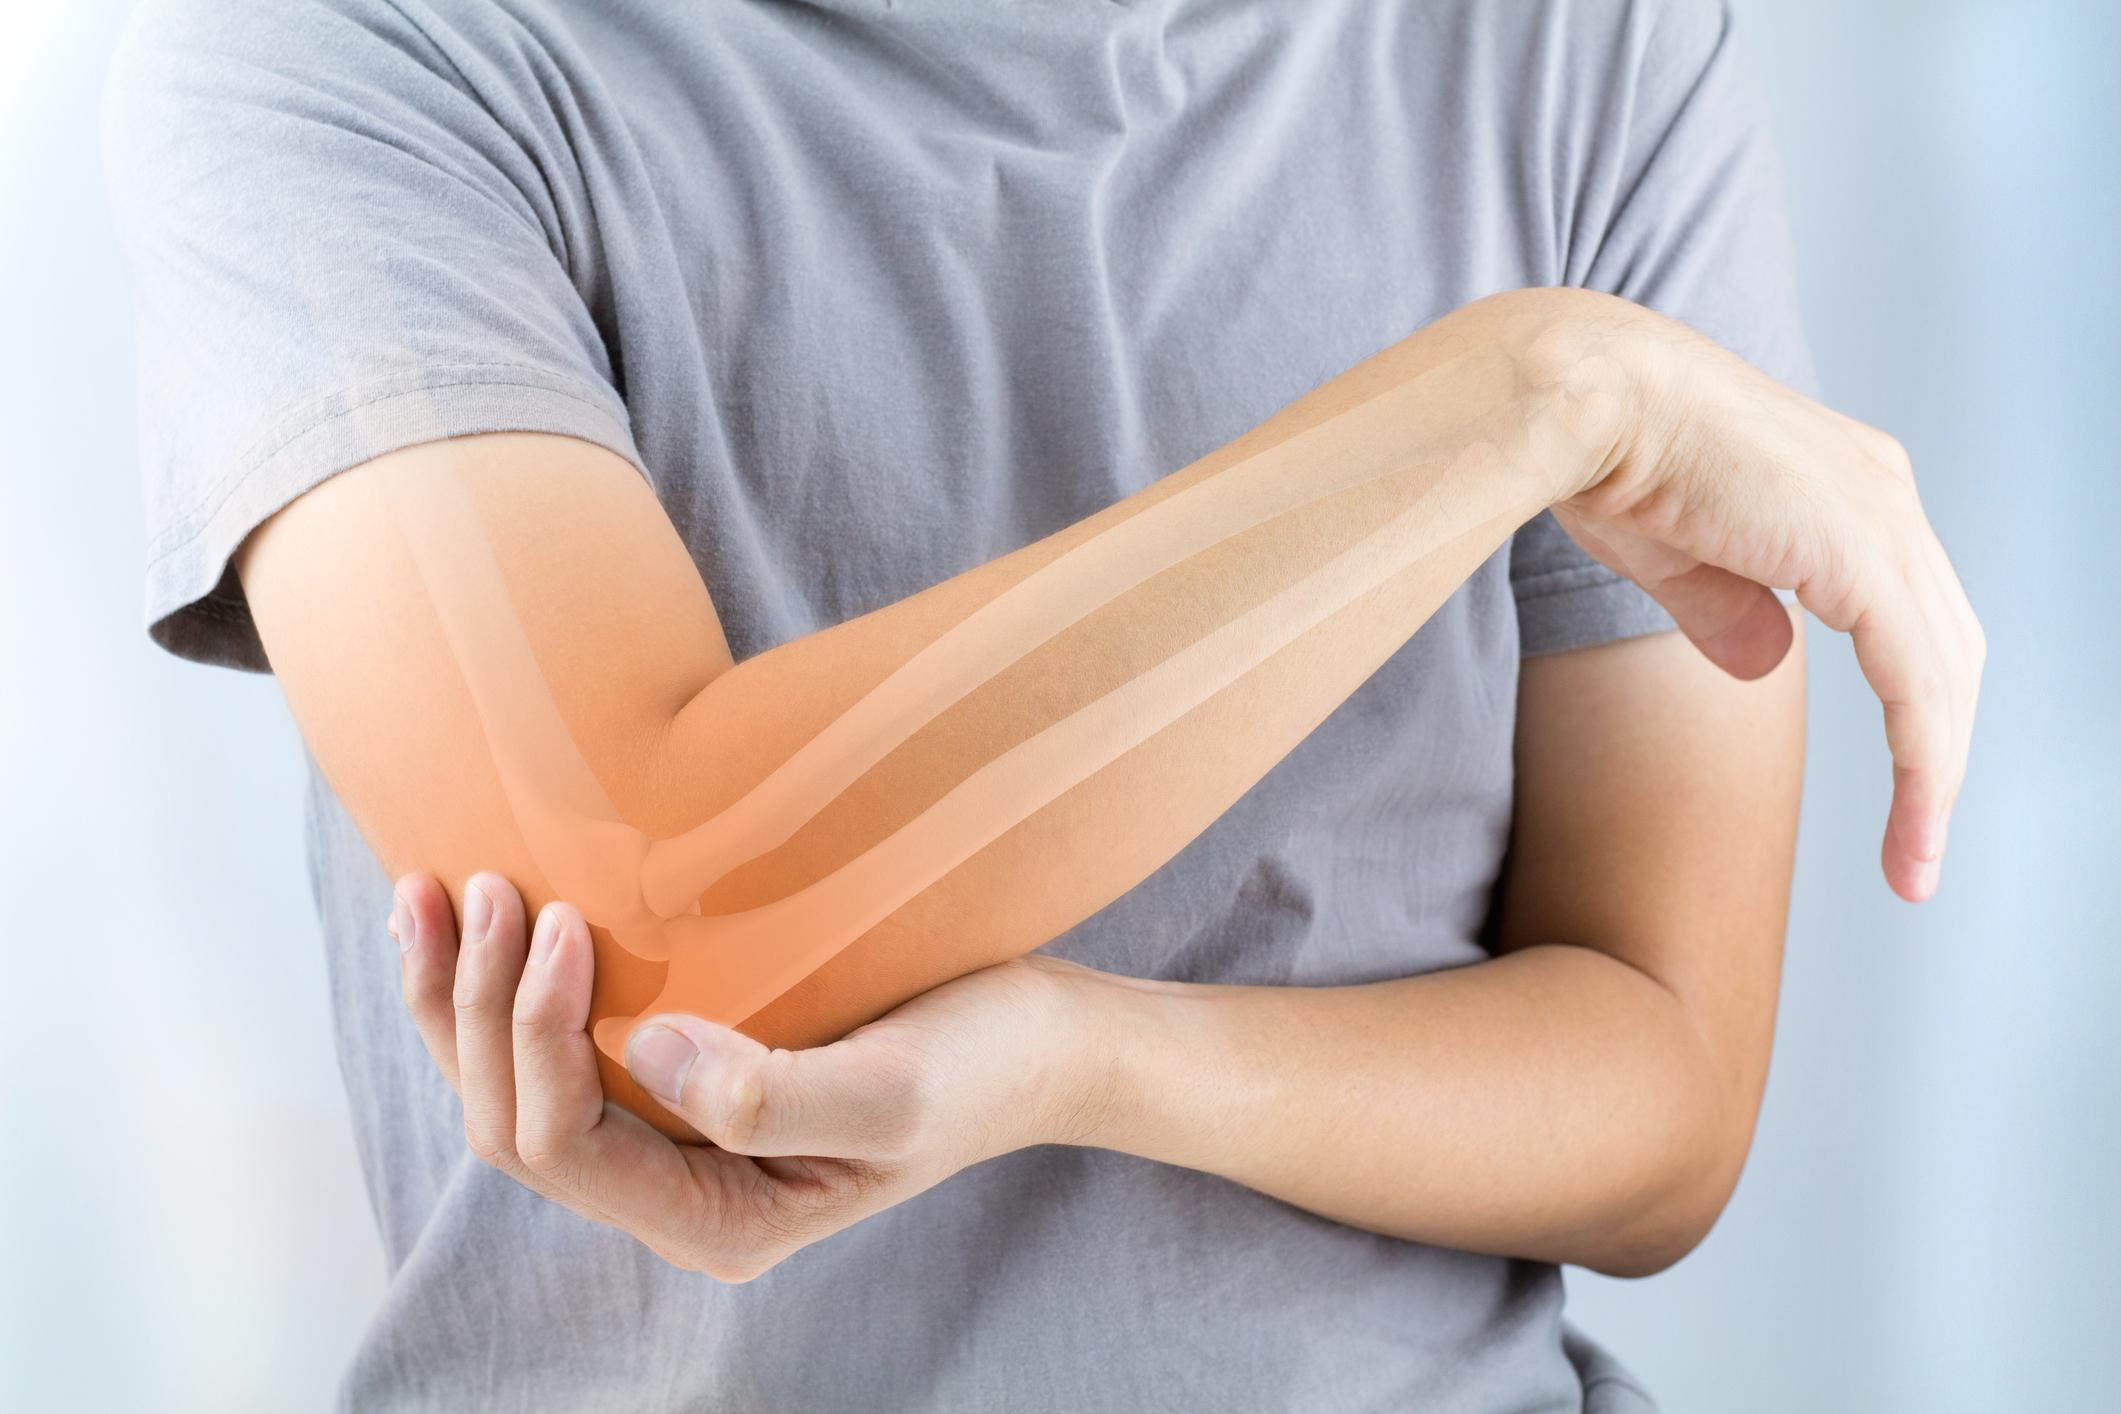 fisioterapia para osteoporose